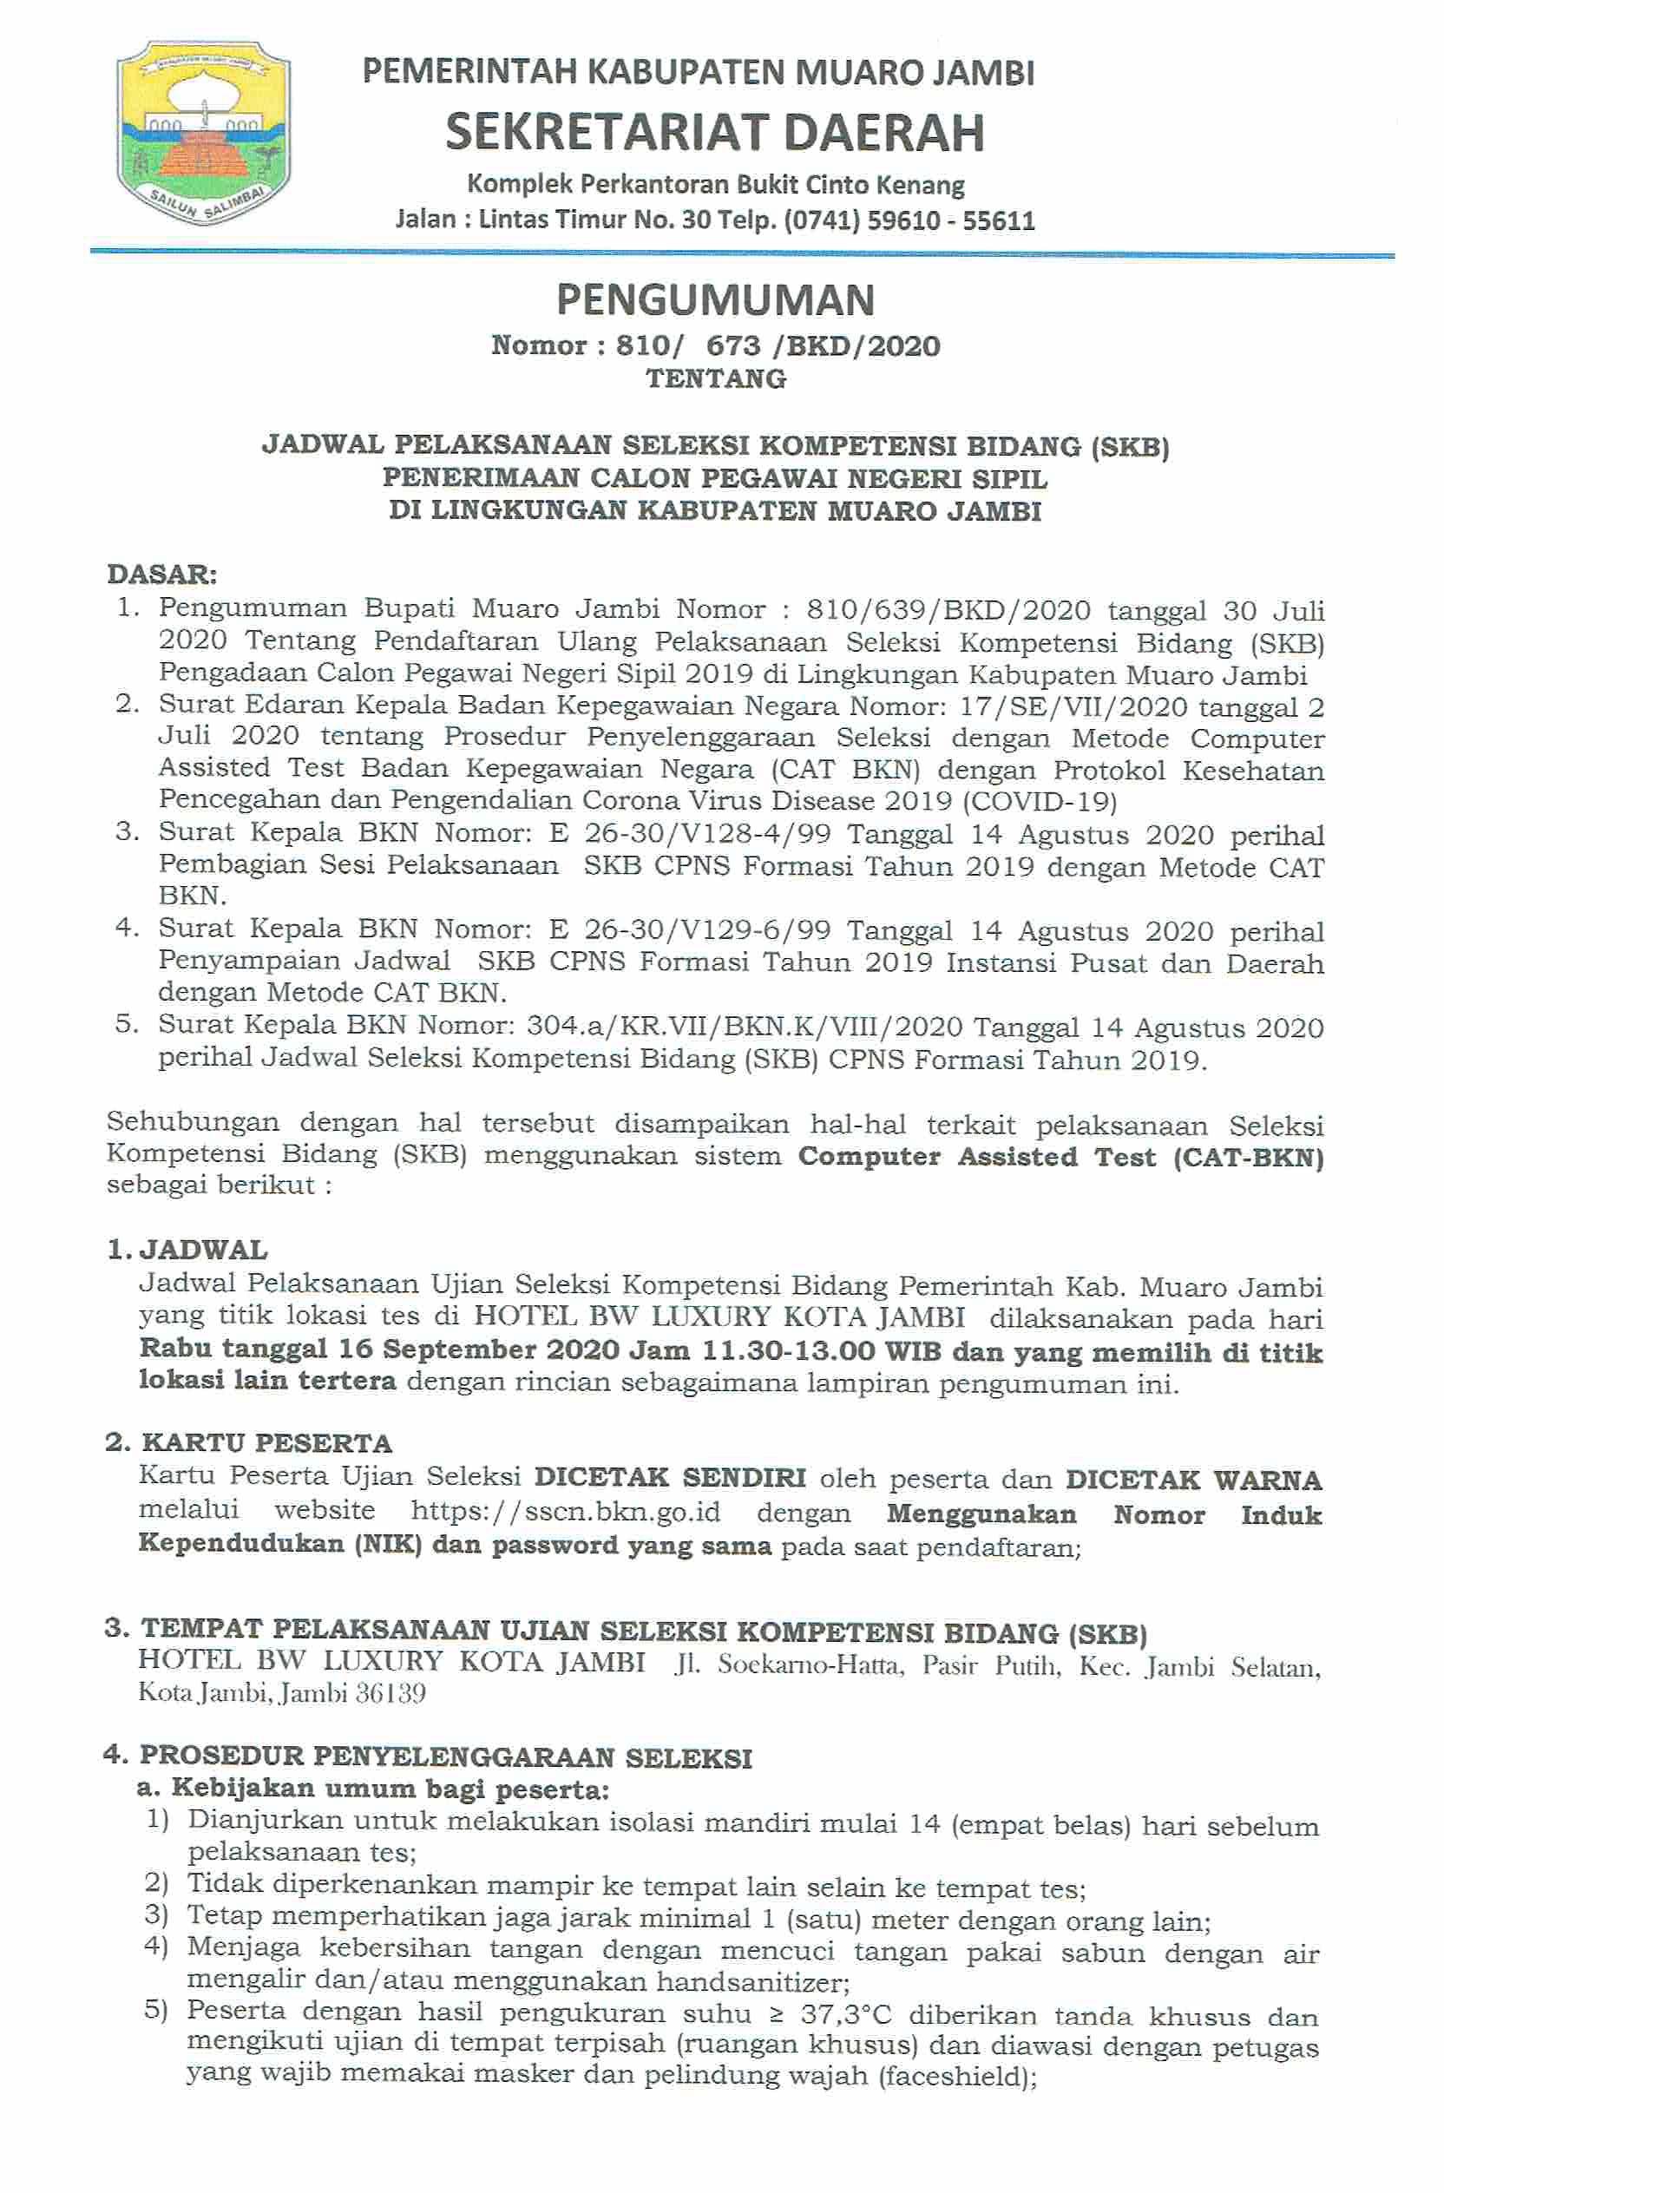 Jadwal_Pelaksanaan_SKB_Penerimaan_CPNS_di_Lingkungan_Kabupaten_Muaro_Jambi.jpg